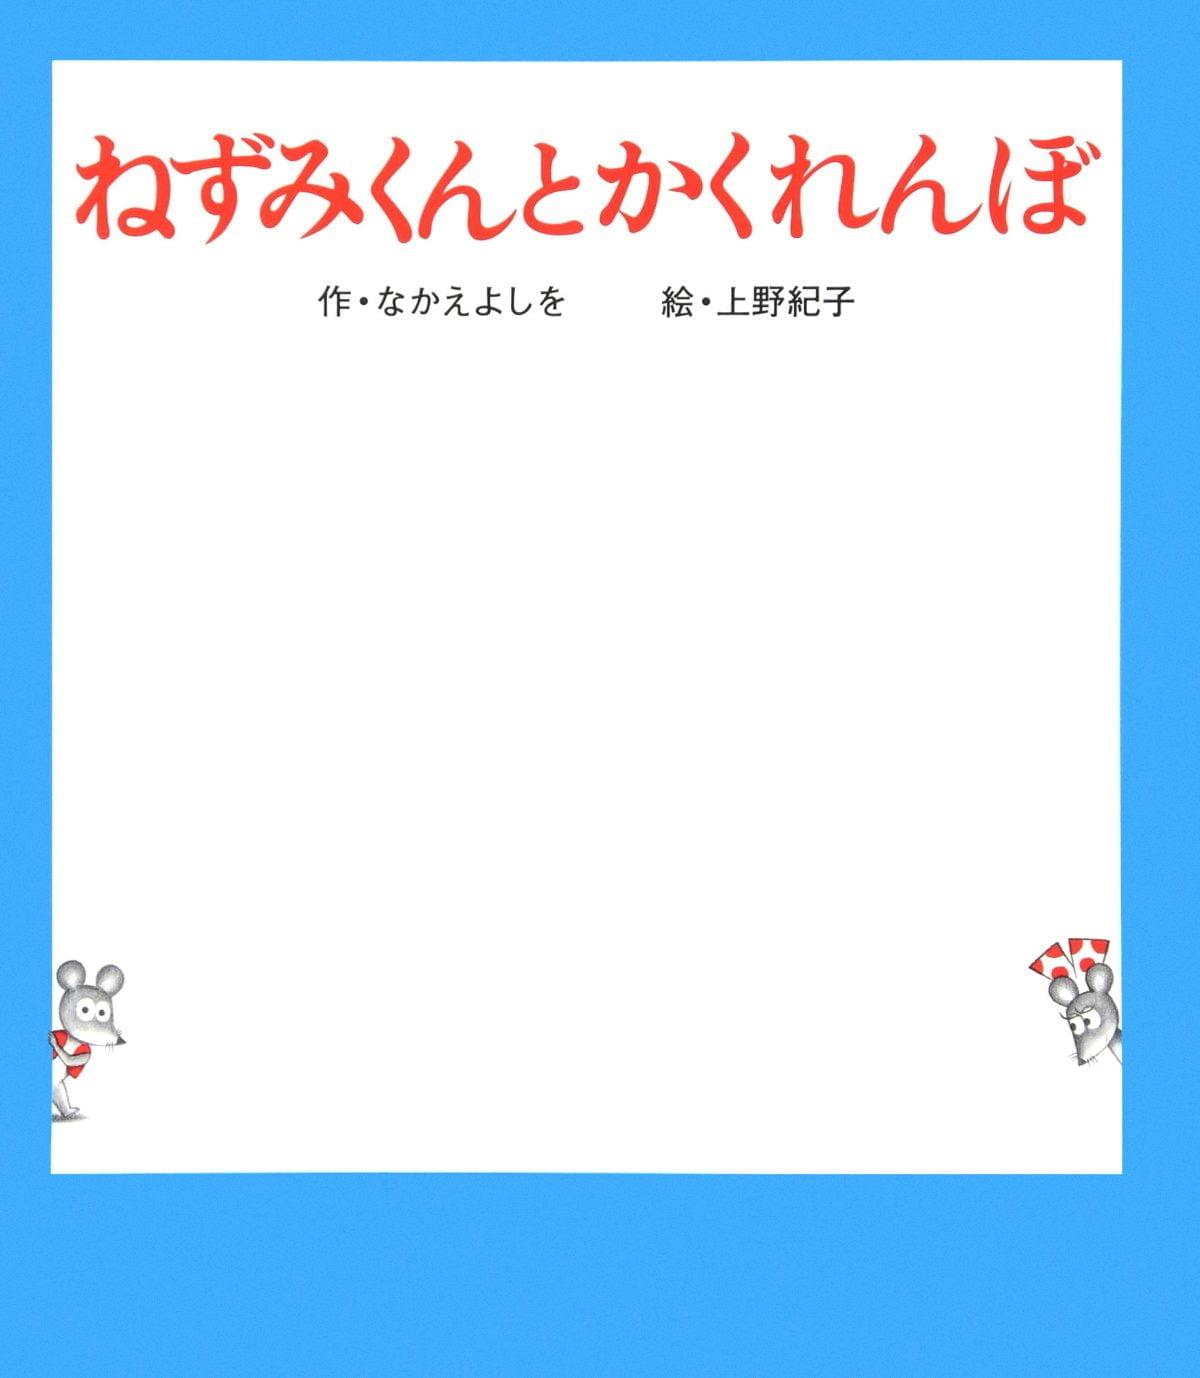 絵本「ねずみくんとかくれんぼ」の表紙